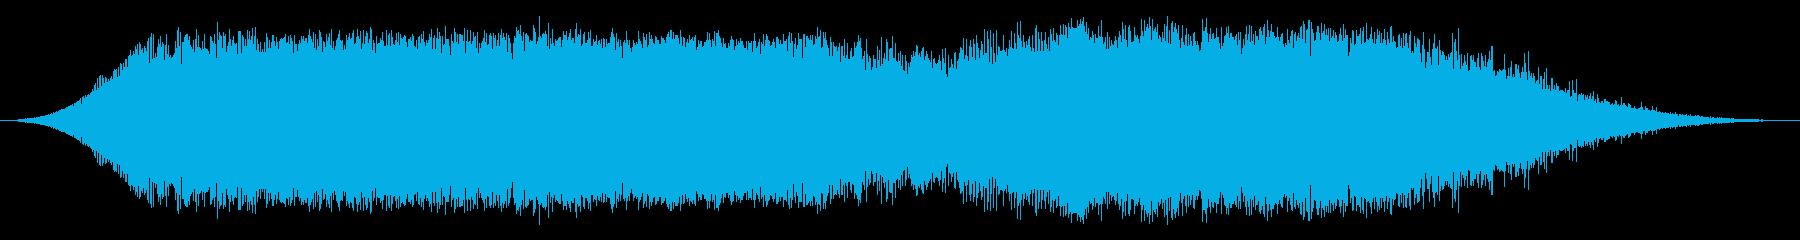 停電3の再生済みの波形